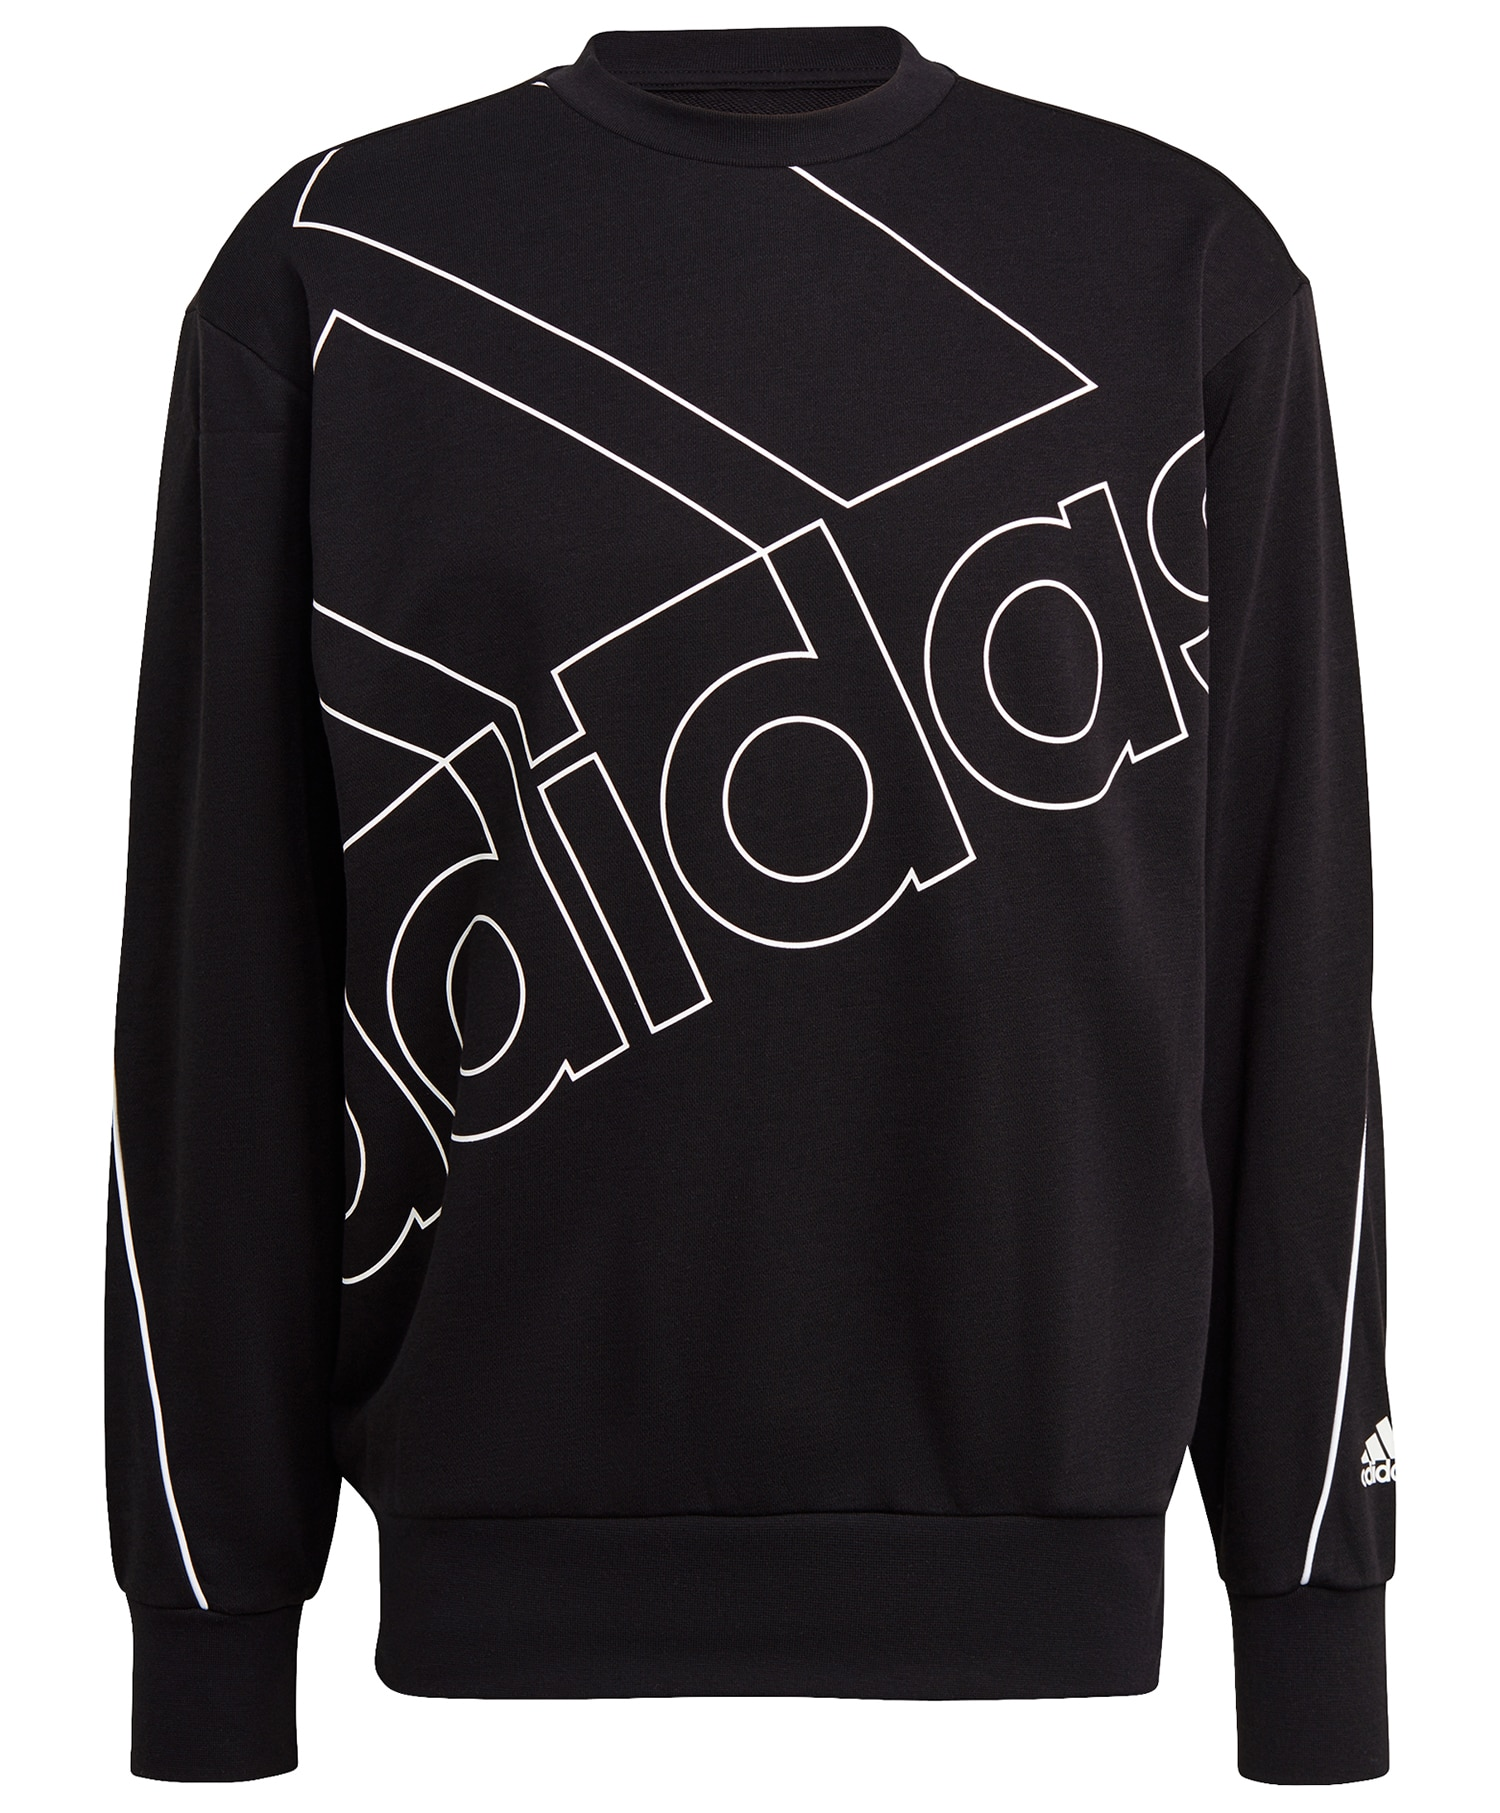 Adidas FAVS Genser